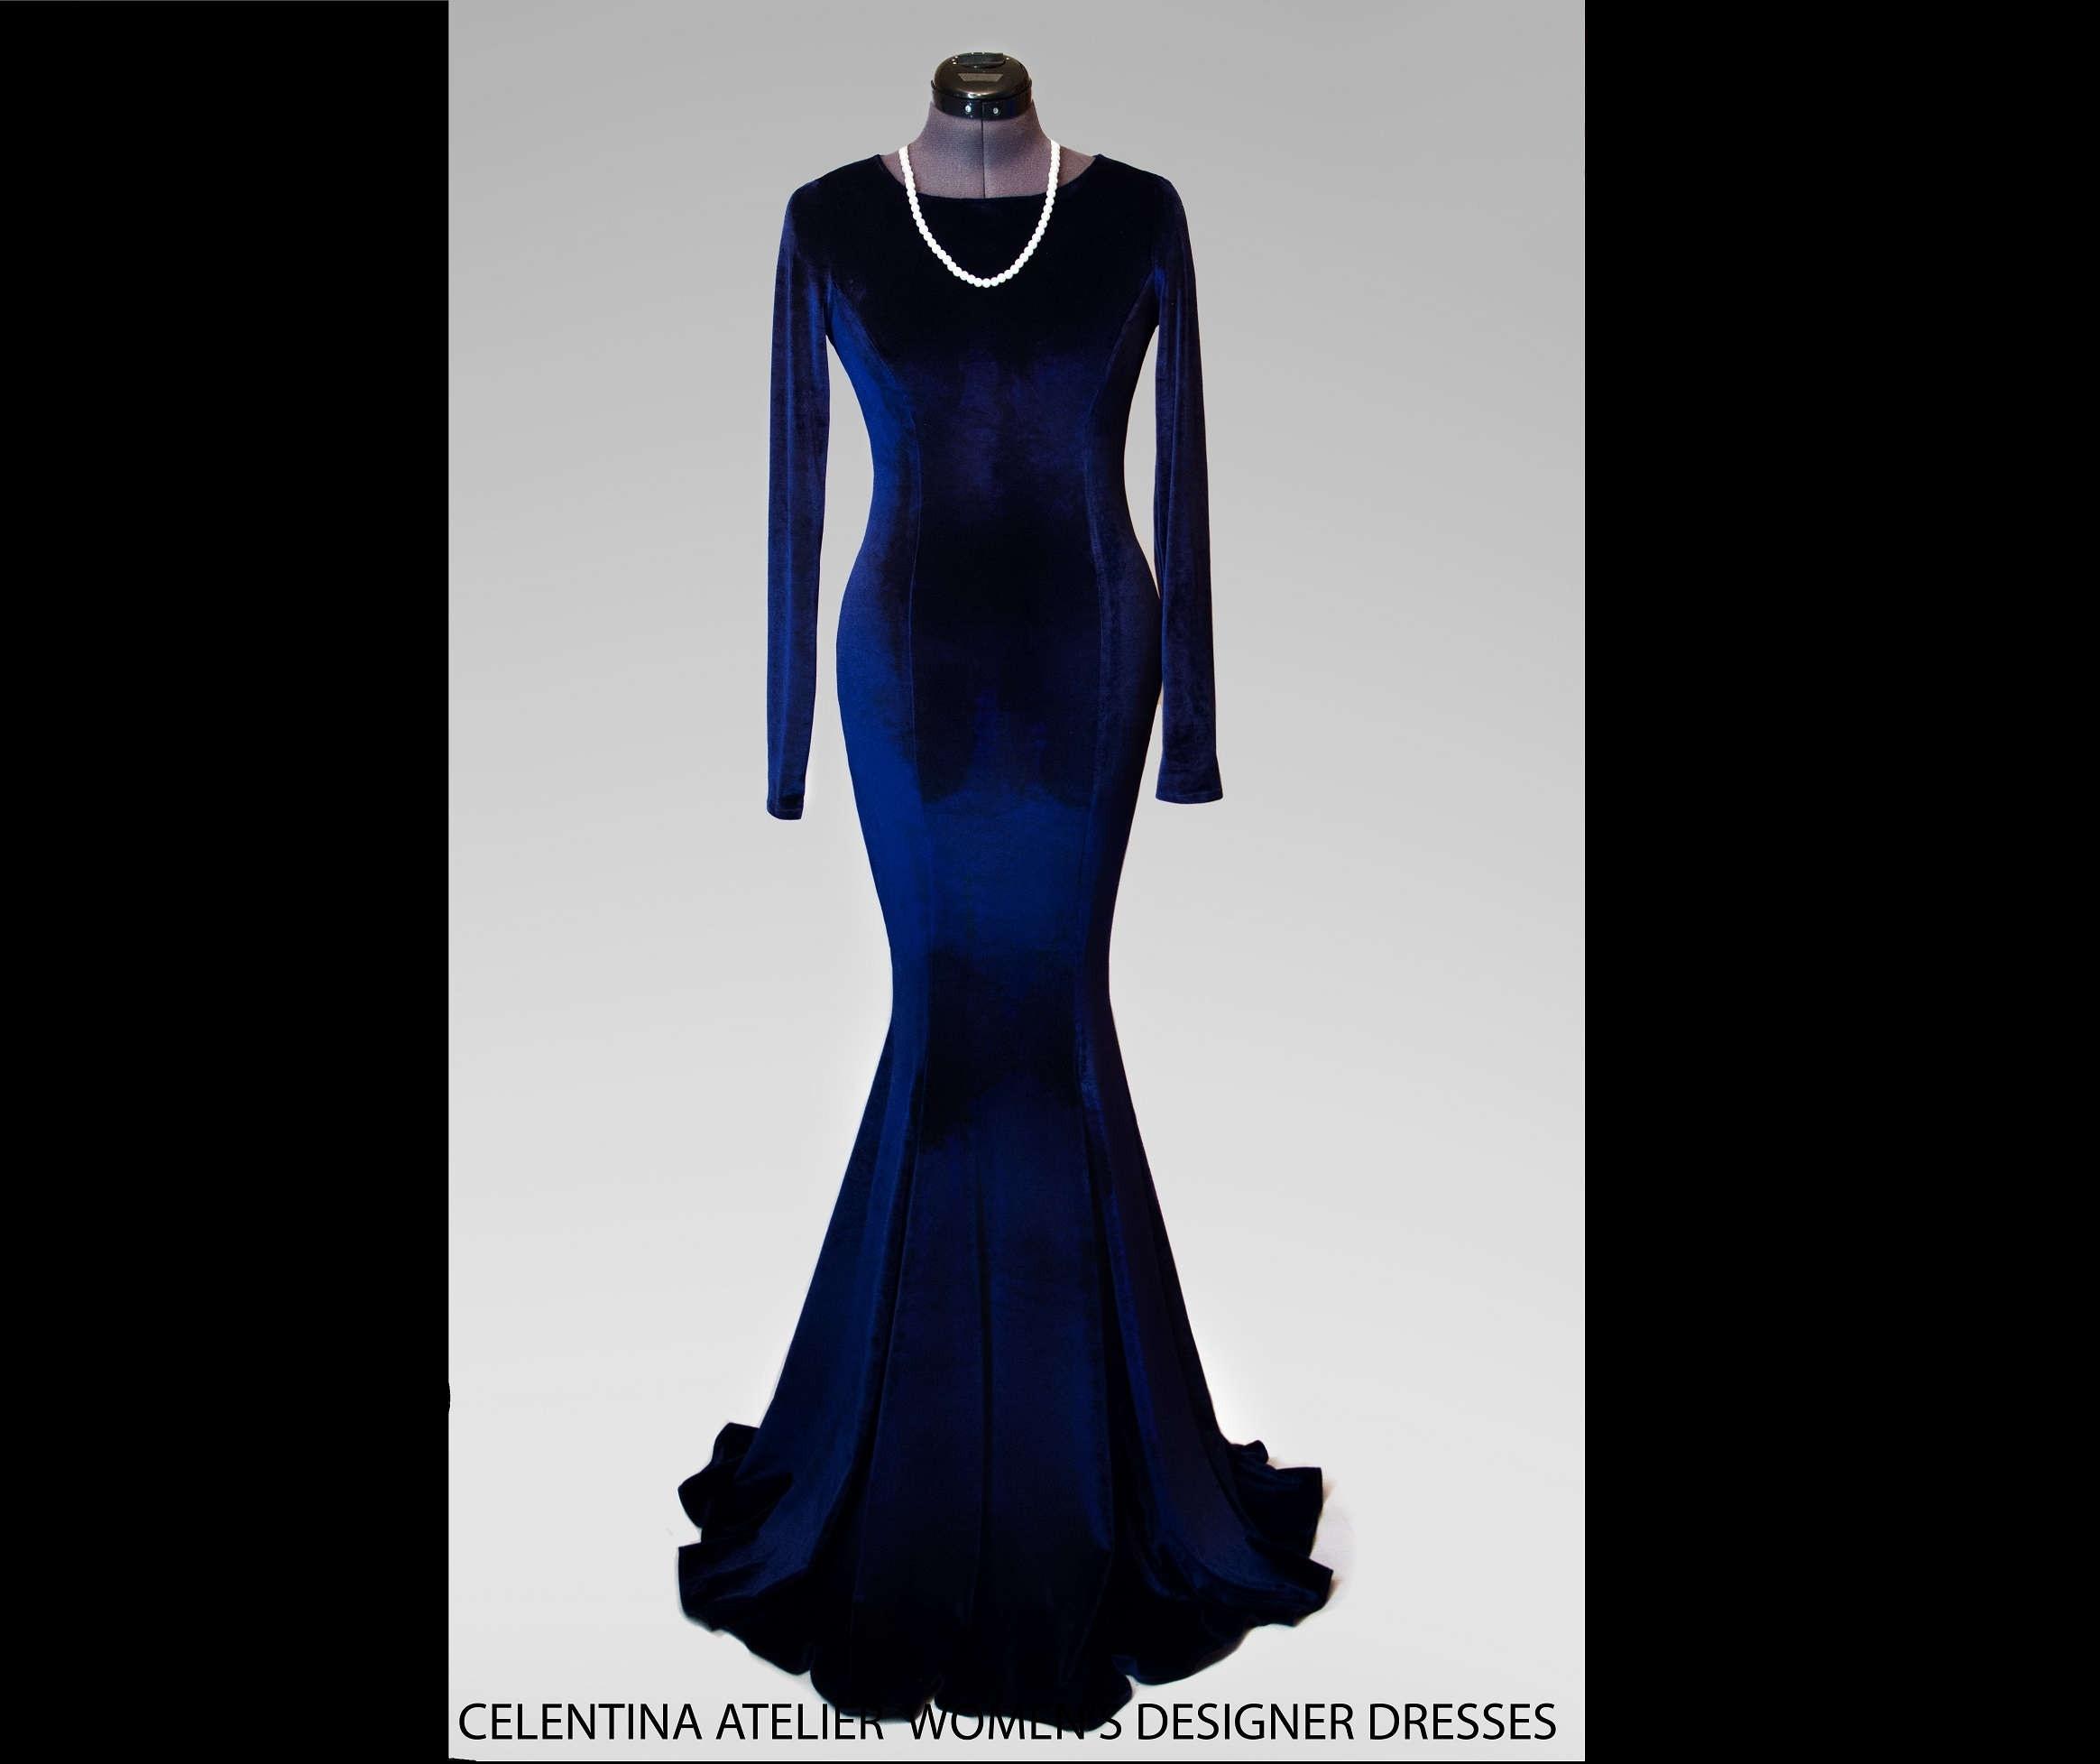 10 Spektakulär Langes Dunkelblaues Kleid Galerie20 Schön Langes Dunkelblaues Kleid für 2019